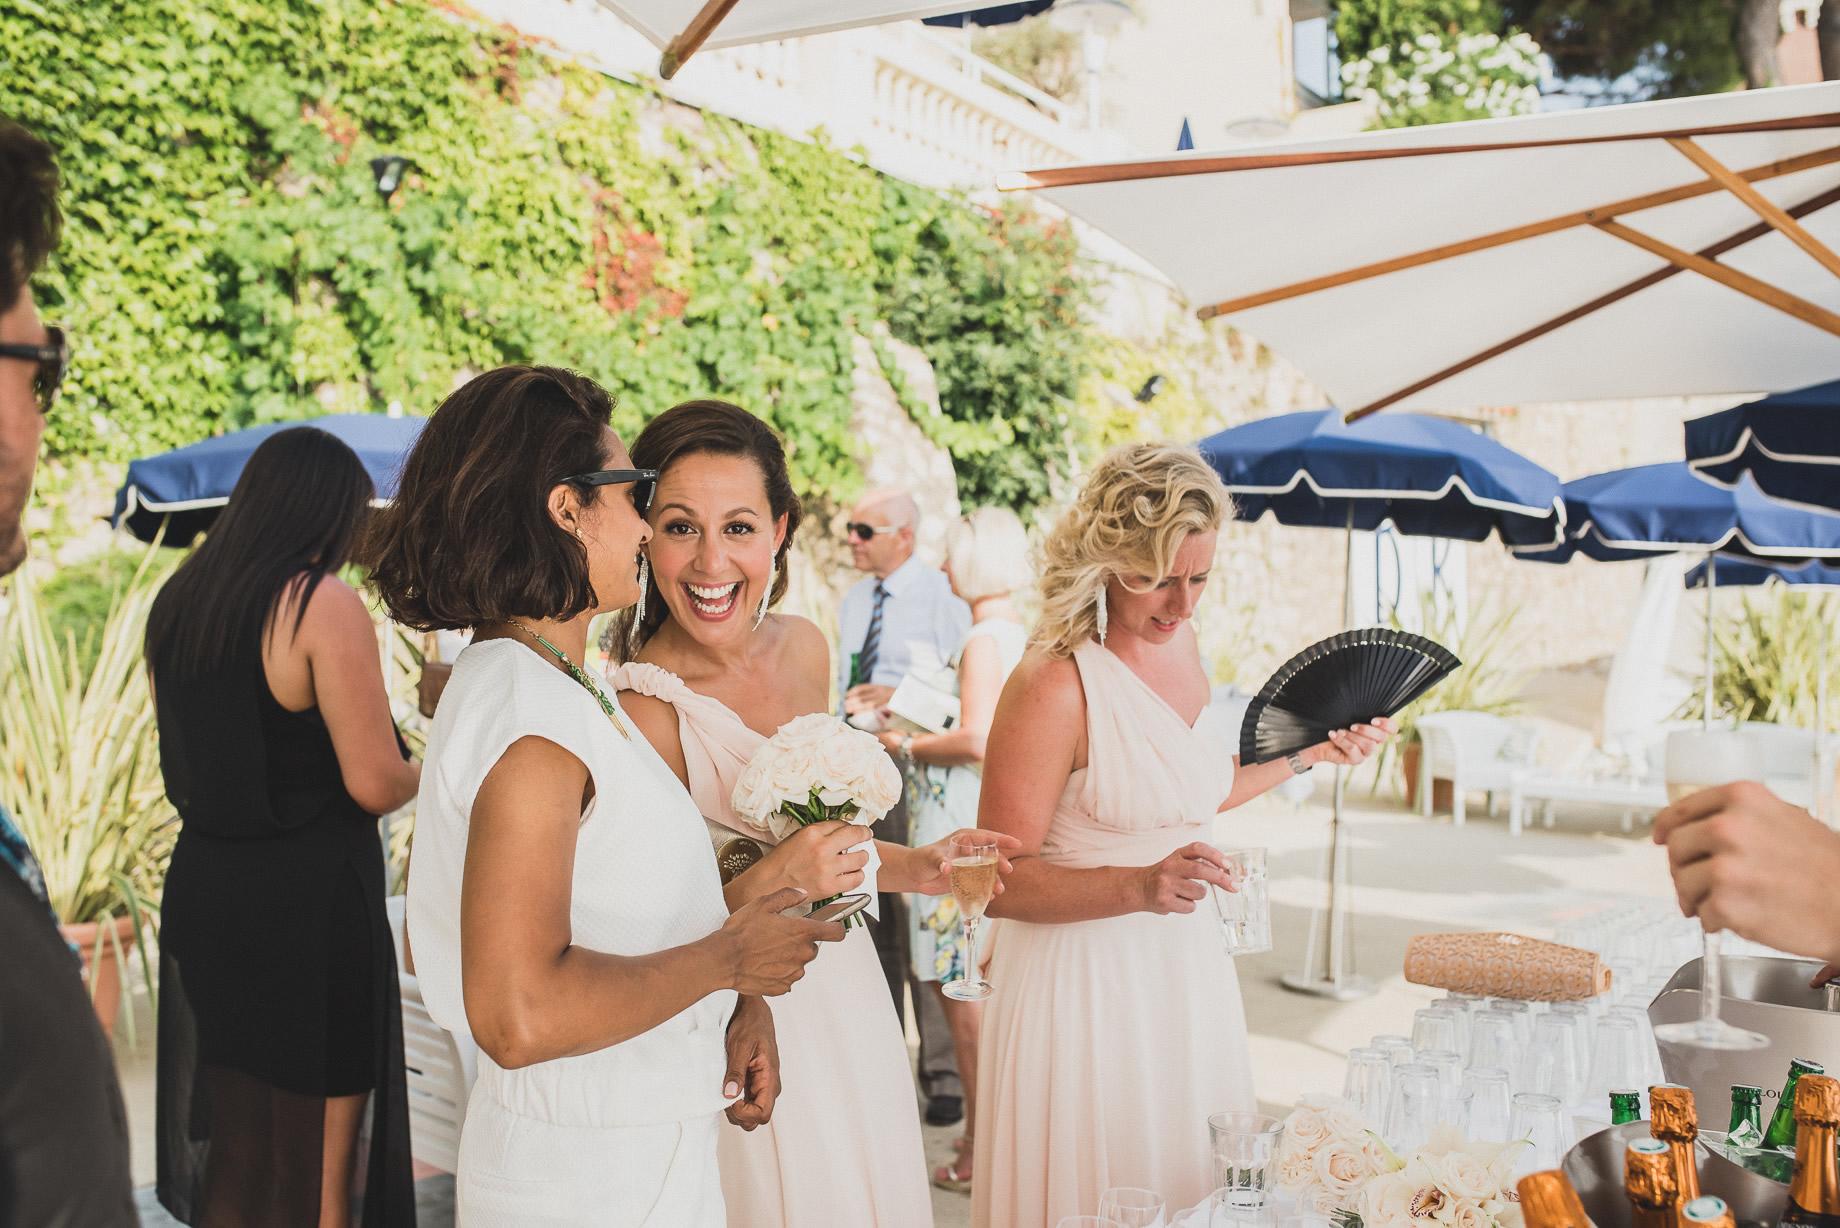 Jen and Priyan's Wedding at Hotel Belles Rives 107